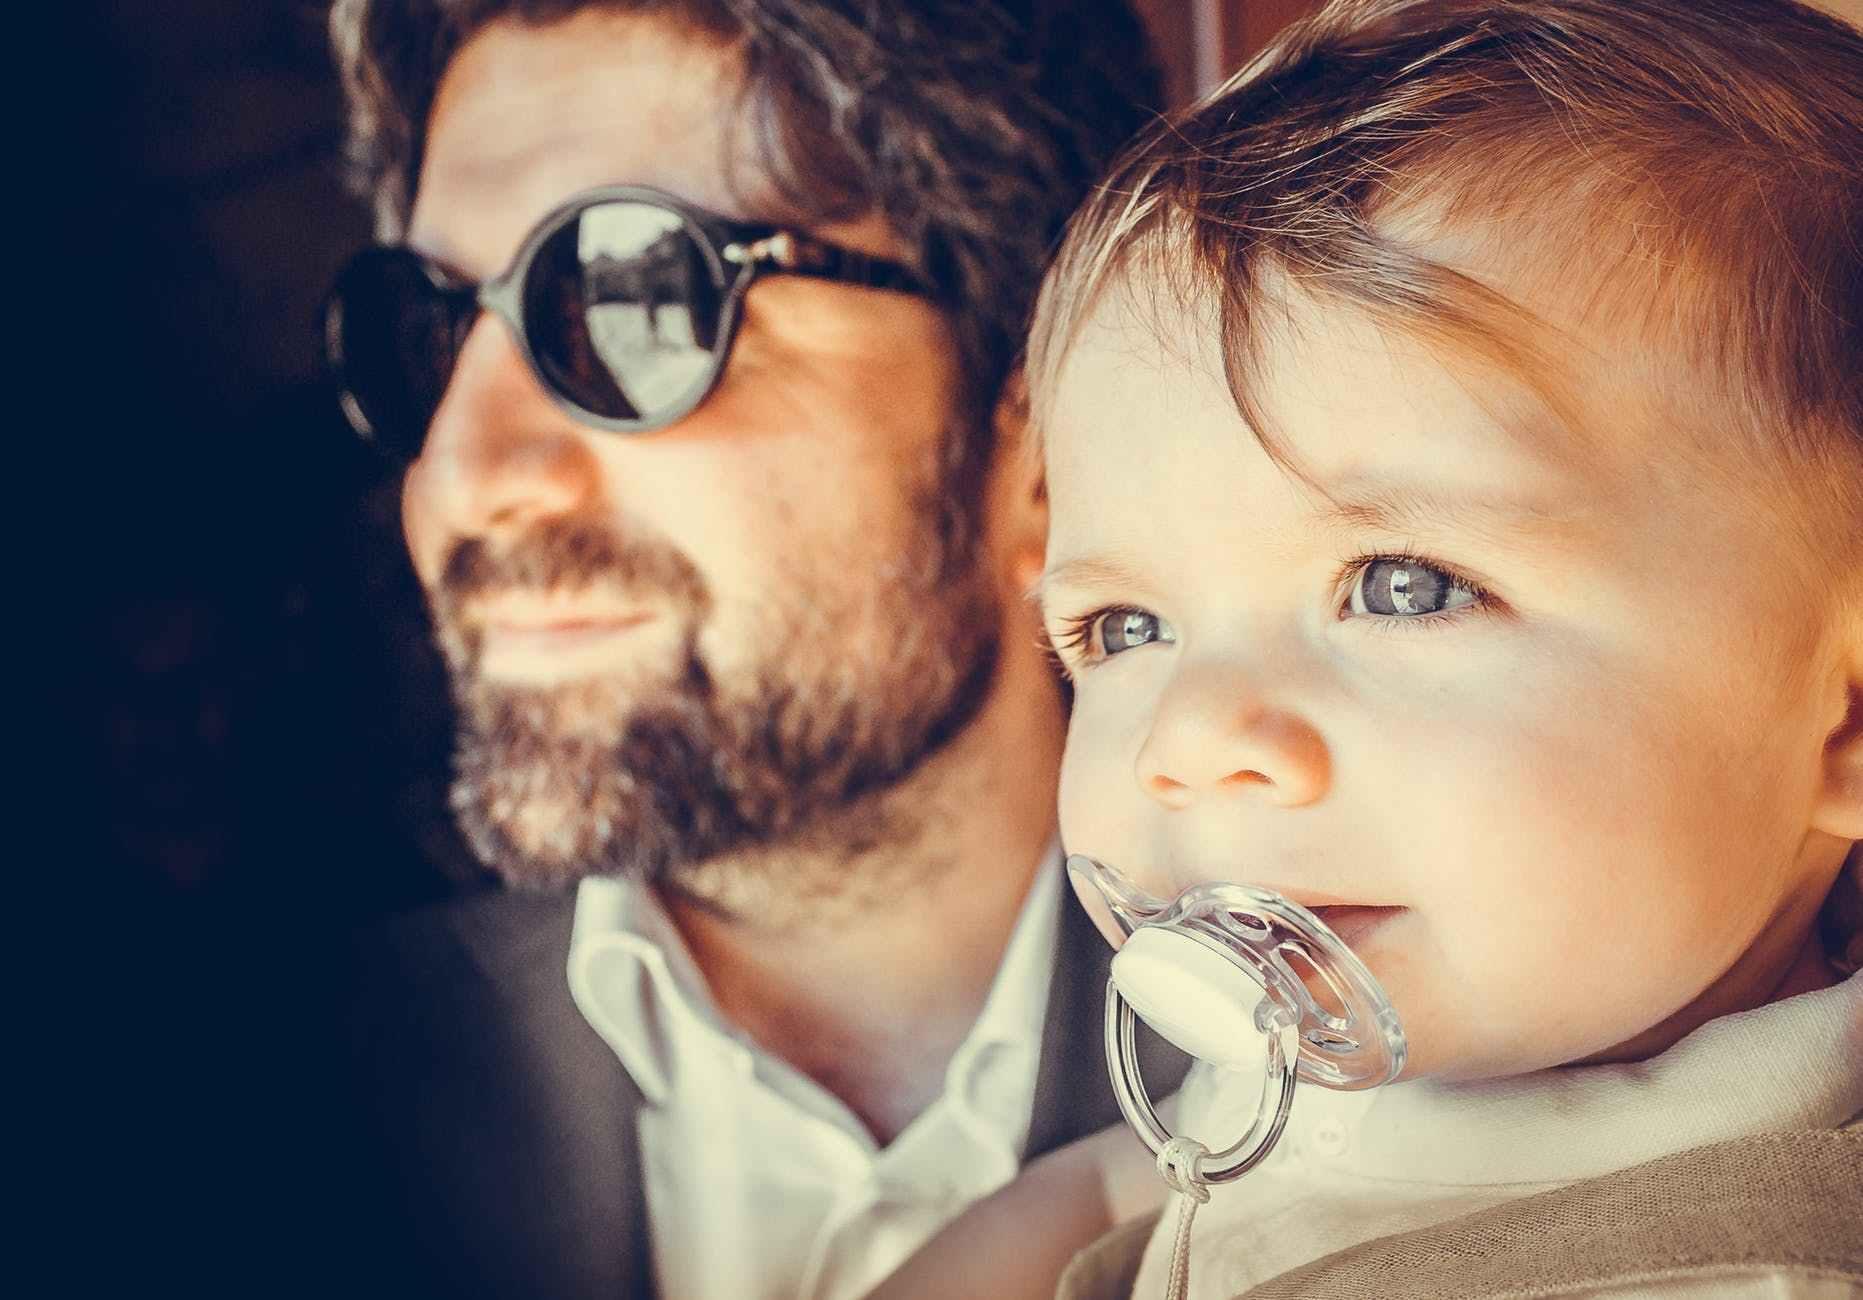 为日后孕育宝宝奠定基础 夫妻备孕期间饮食情况很重要